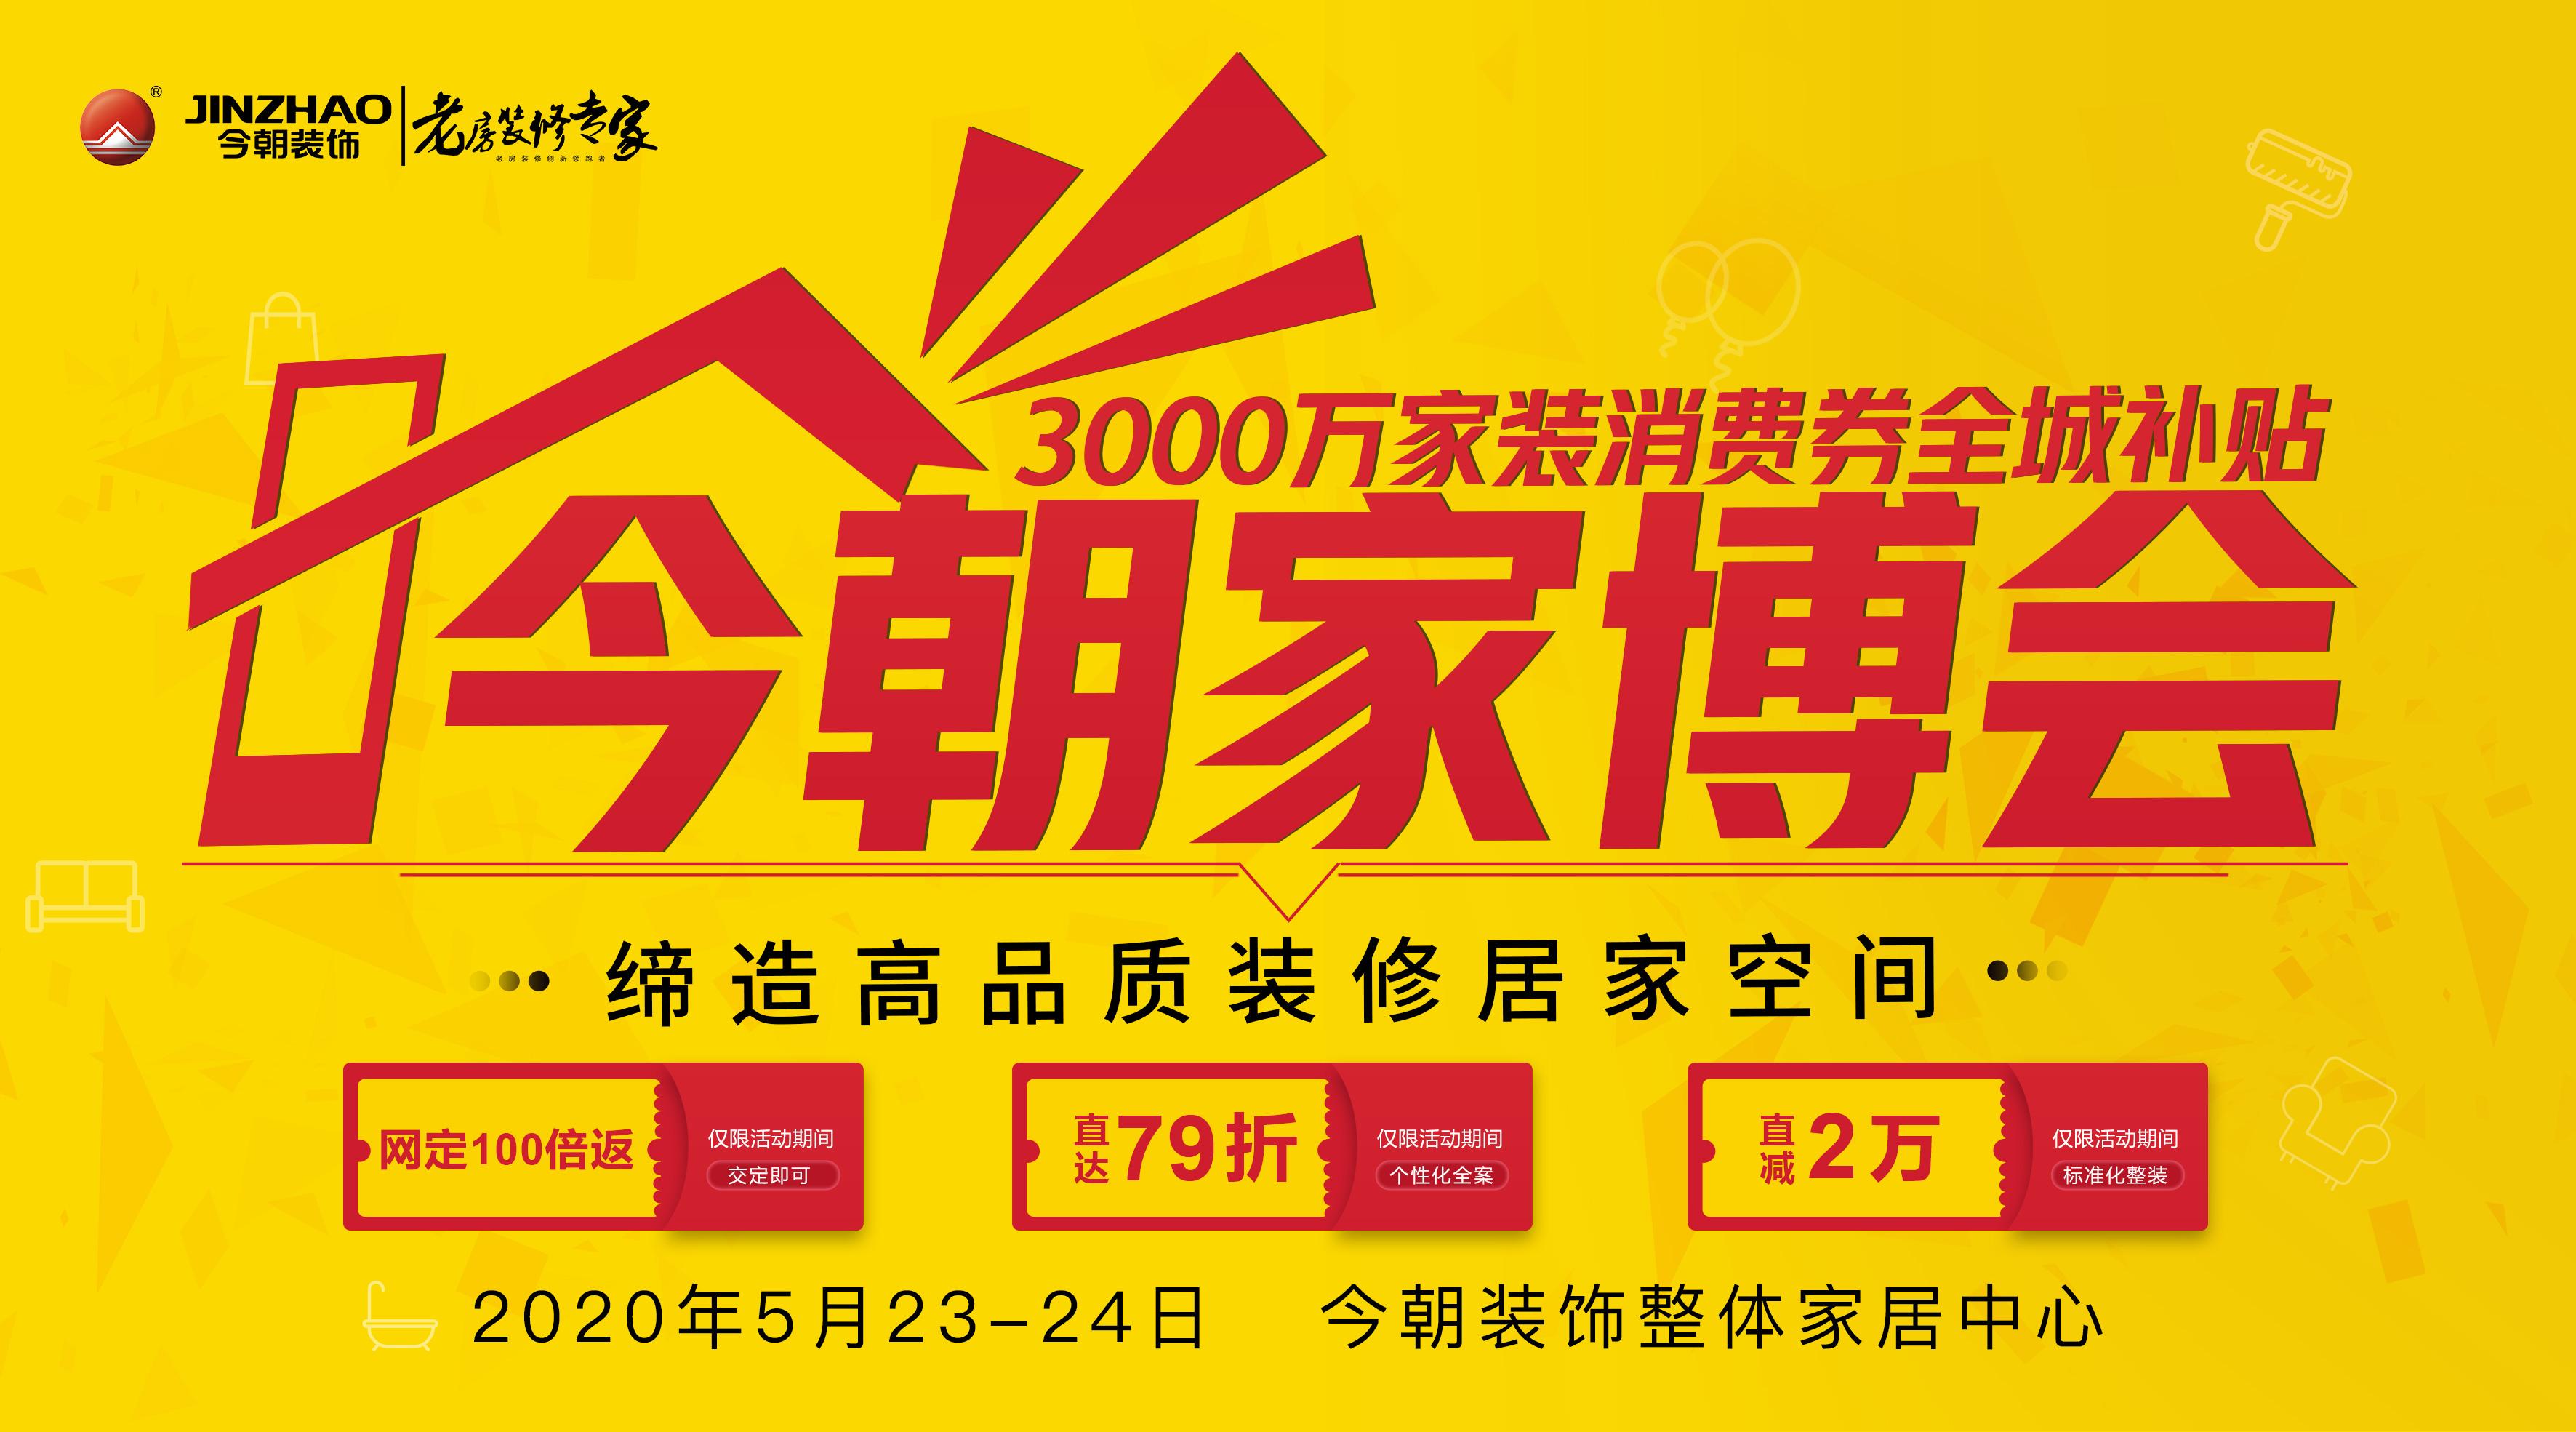 业主朋友们请注意,523今朝家博会直播砍价产品清单已出,请查收!